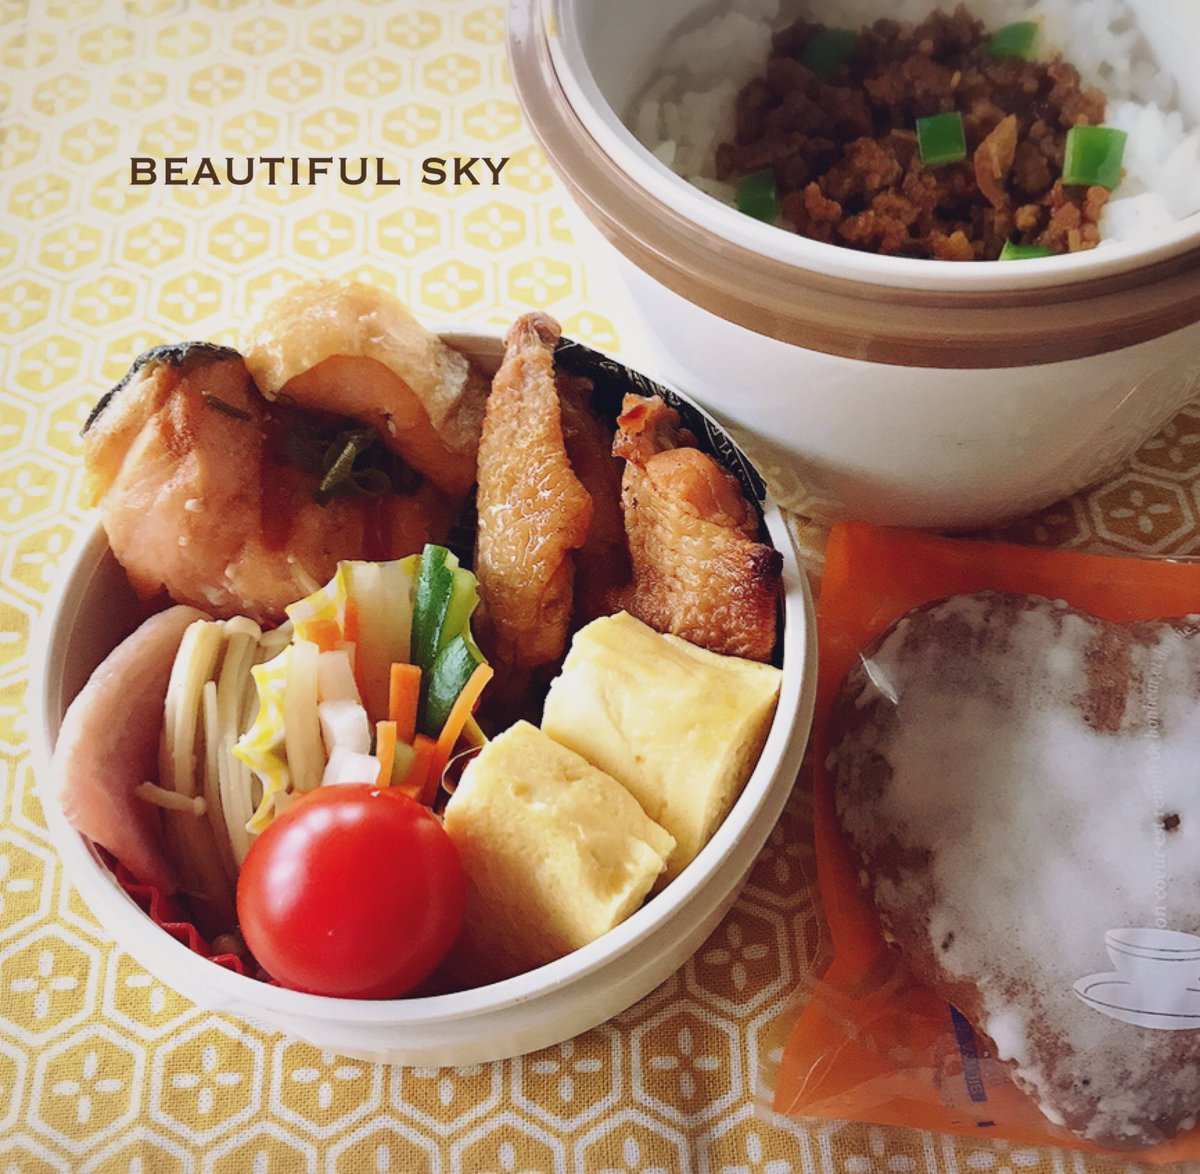 おはよう  鮭ねぎポン酢 手羽中グリル えのきとベーコンのバター炒め 野菜のピクルス だし巻き卵 カレーそぼろご飯  仕事もあと3日。 普通の料理や掃除すら出来てないから 年末こそ!と思っていたところ 主人が「そうだ京都へ行こう」 私「いいねぇ」 ٩( ᐛ )( ᐖ )۶  #保温弁当  #お弁当pic.twitter.com/MykuDkqzwx